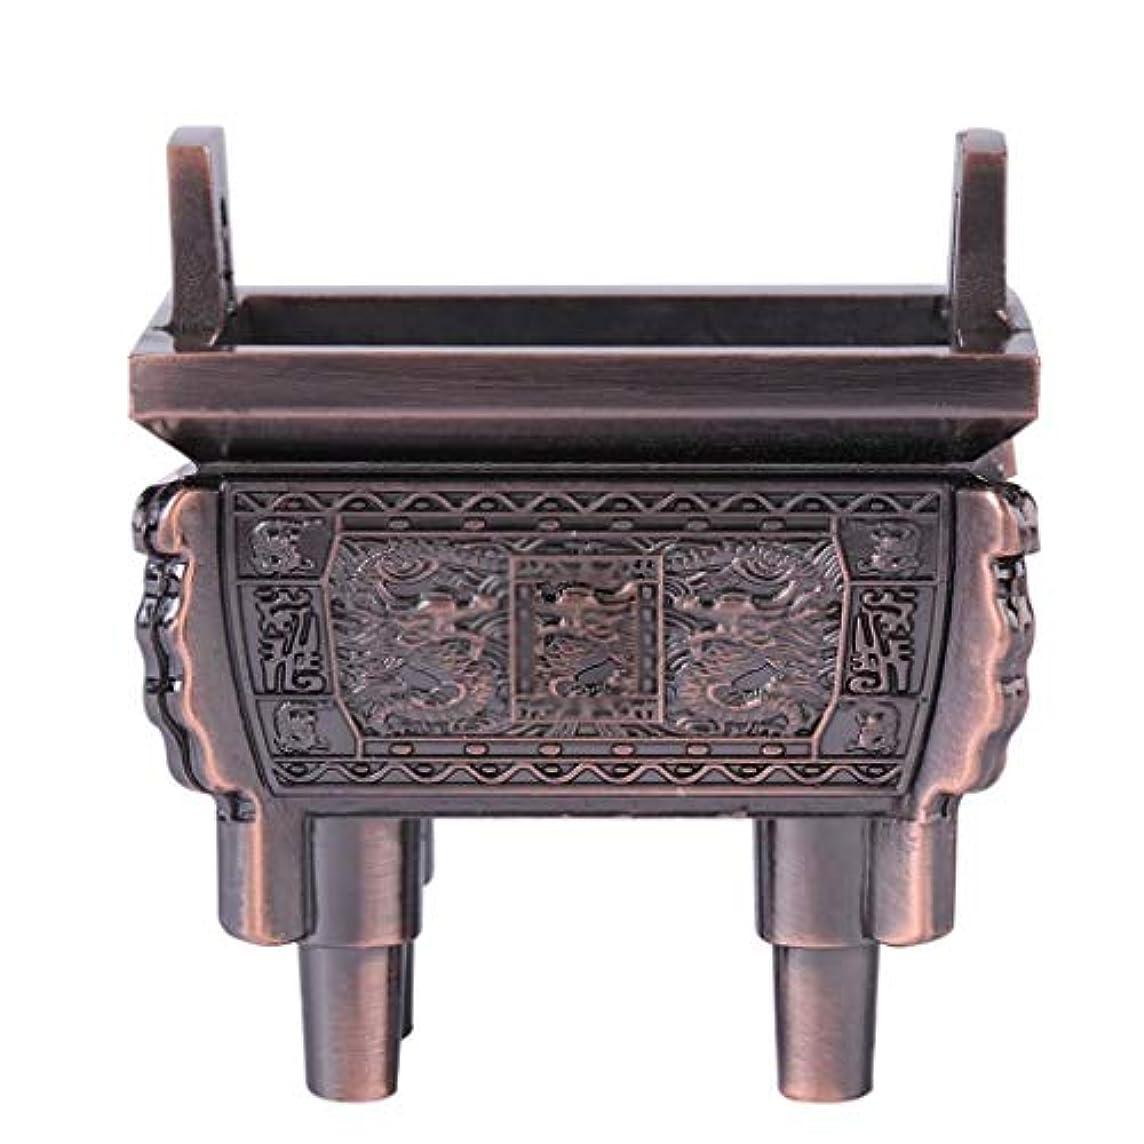 薬局幾分災害ホームアロマバーナー 総本店のホテルの喫茶店の使用のための小型多機能香の棒のバーナーのホールダーのセンサー 芳香器アロマバーナー (Color : Brass)